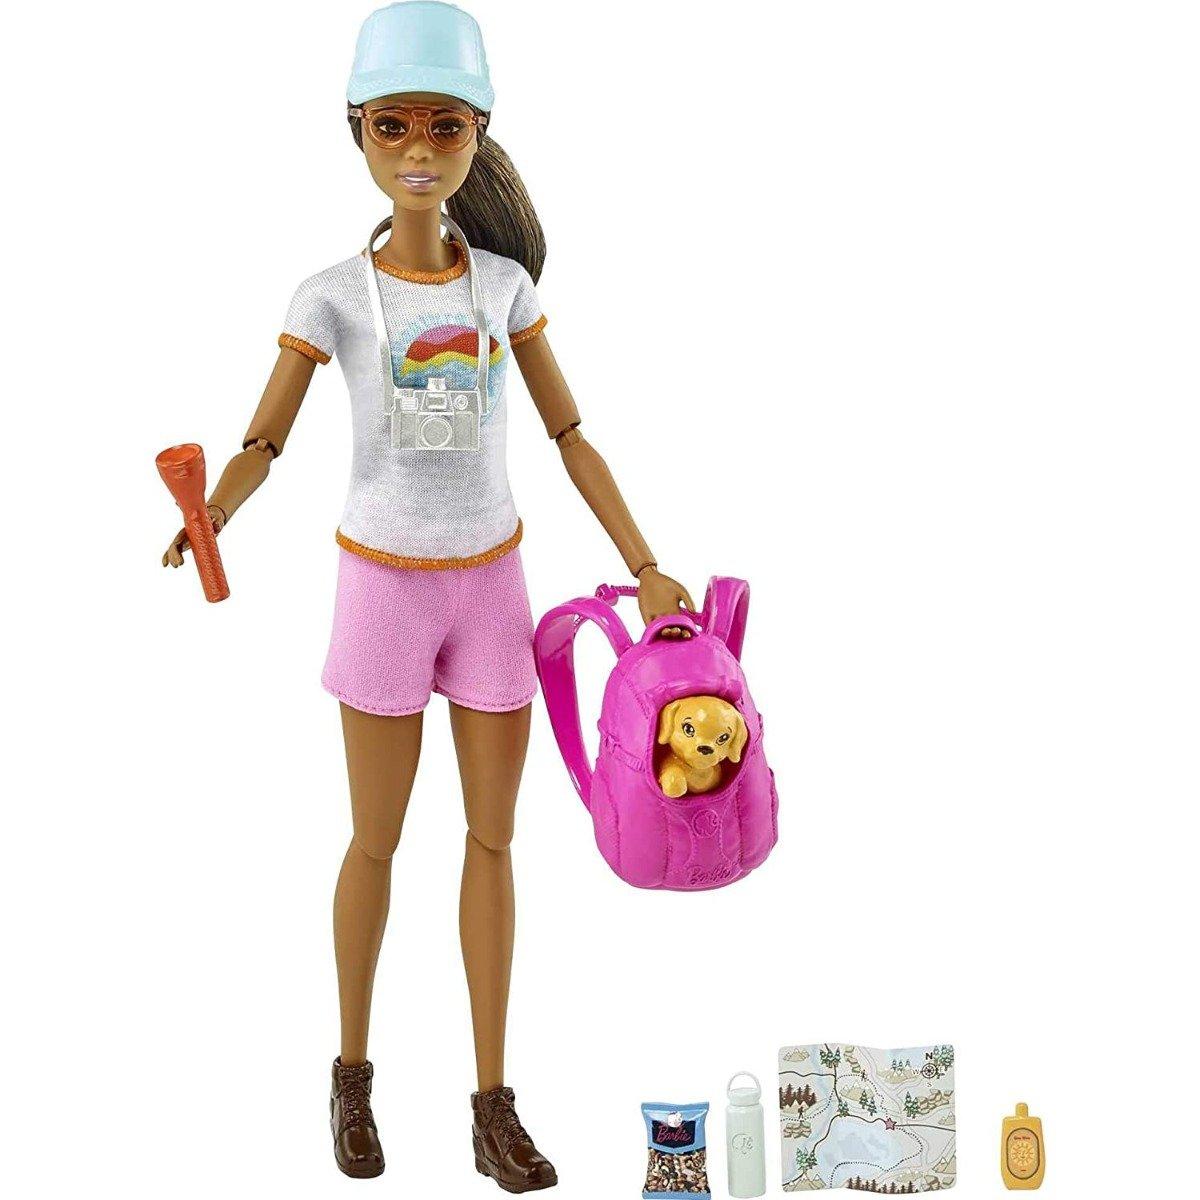 Set de joaca Papusa Barbie cu accesorii Welness GRN66